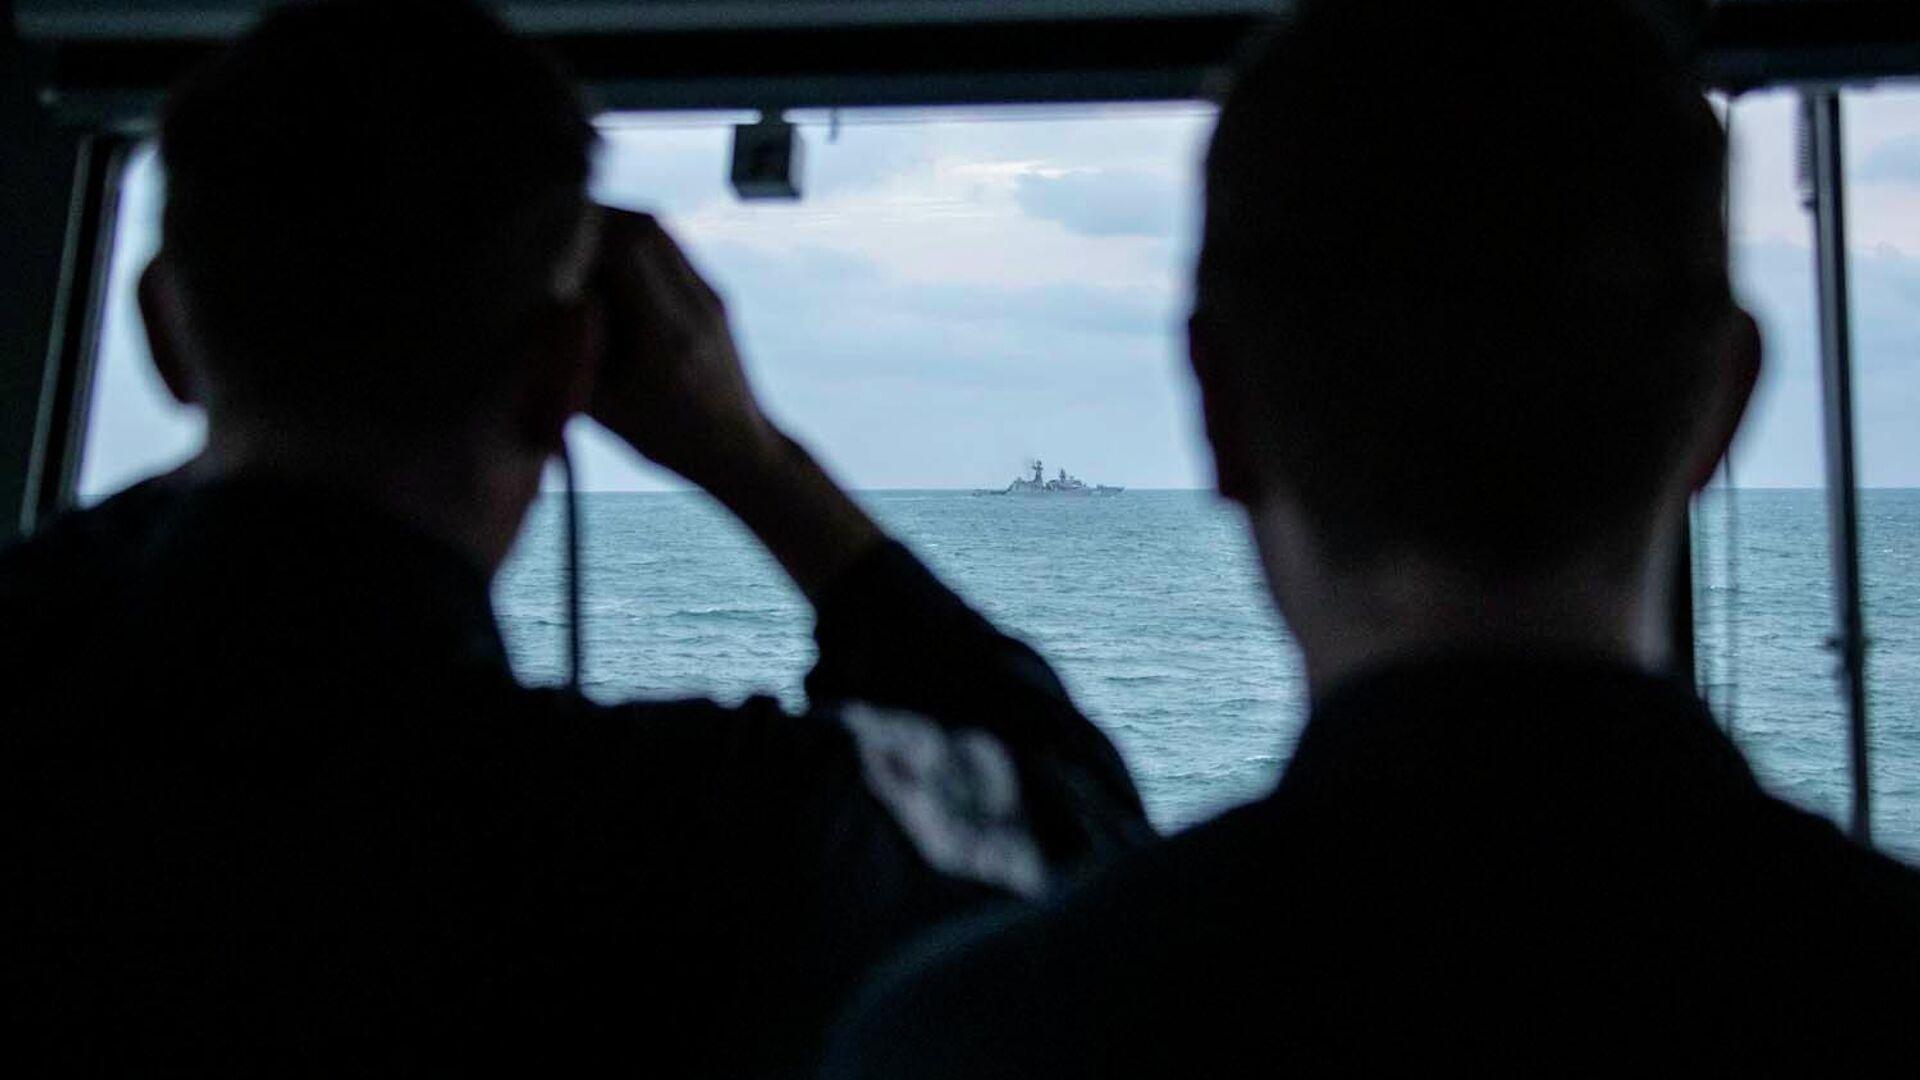 Британский патрульный корабль HMS Mersey сопроводил отряд из трех кораблей российского Балтийского флота, следовавших вдоль берегов Великобритании к проливу Ла-Манш - РИА Новости, 1920, 02.03.2021